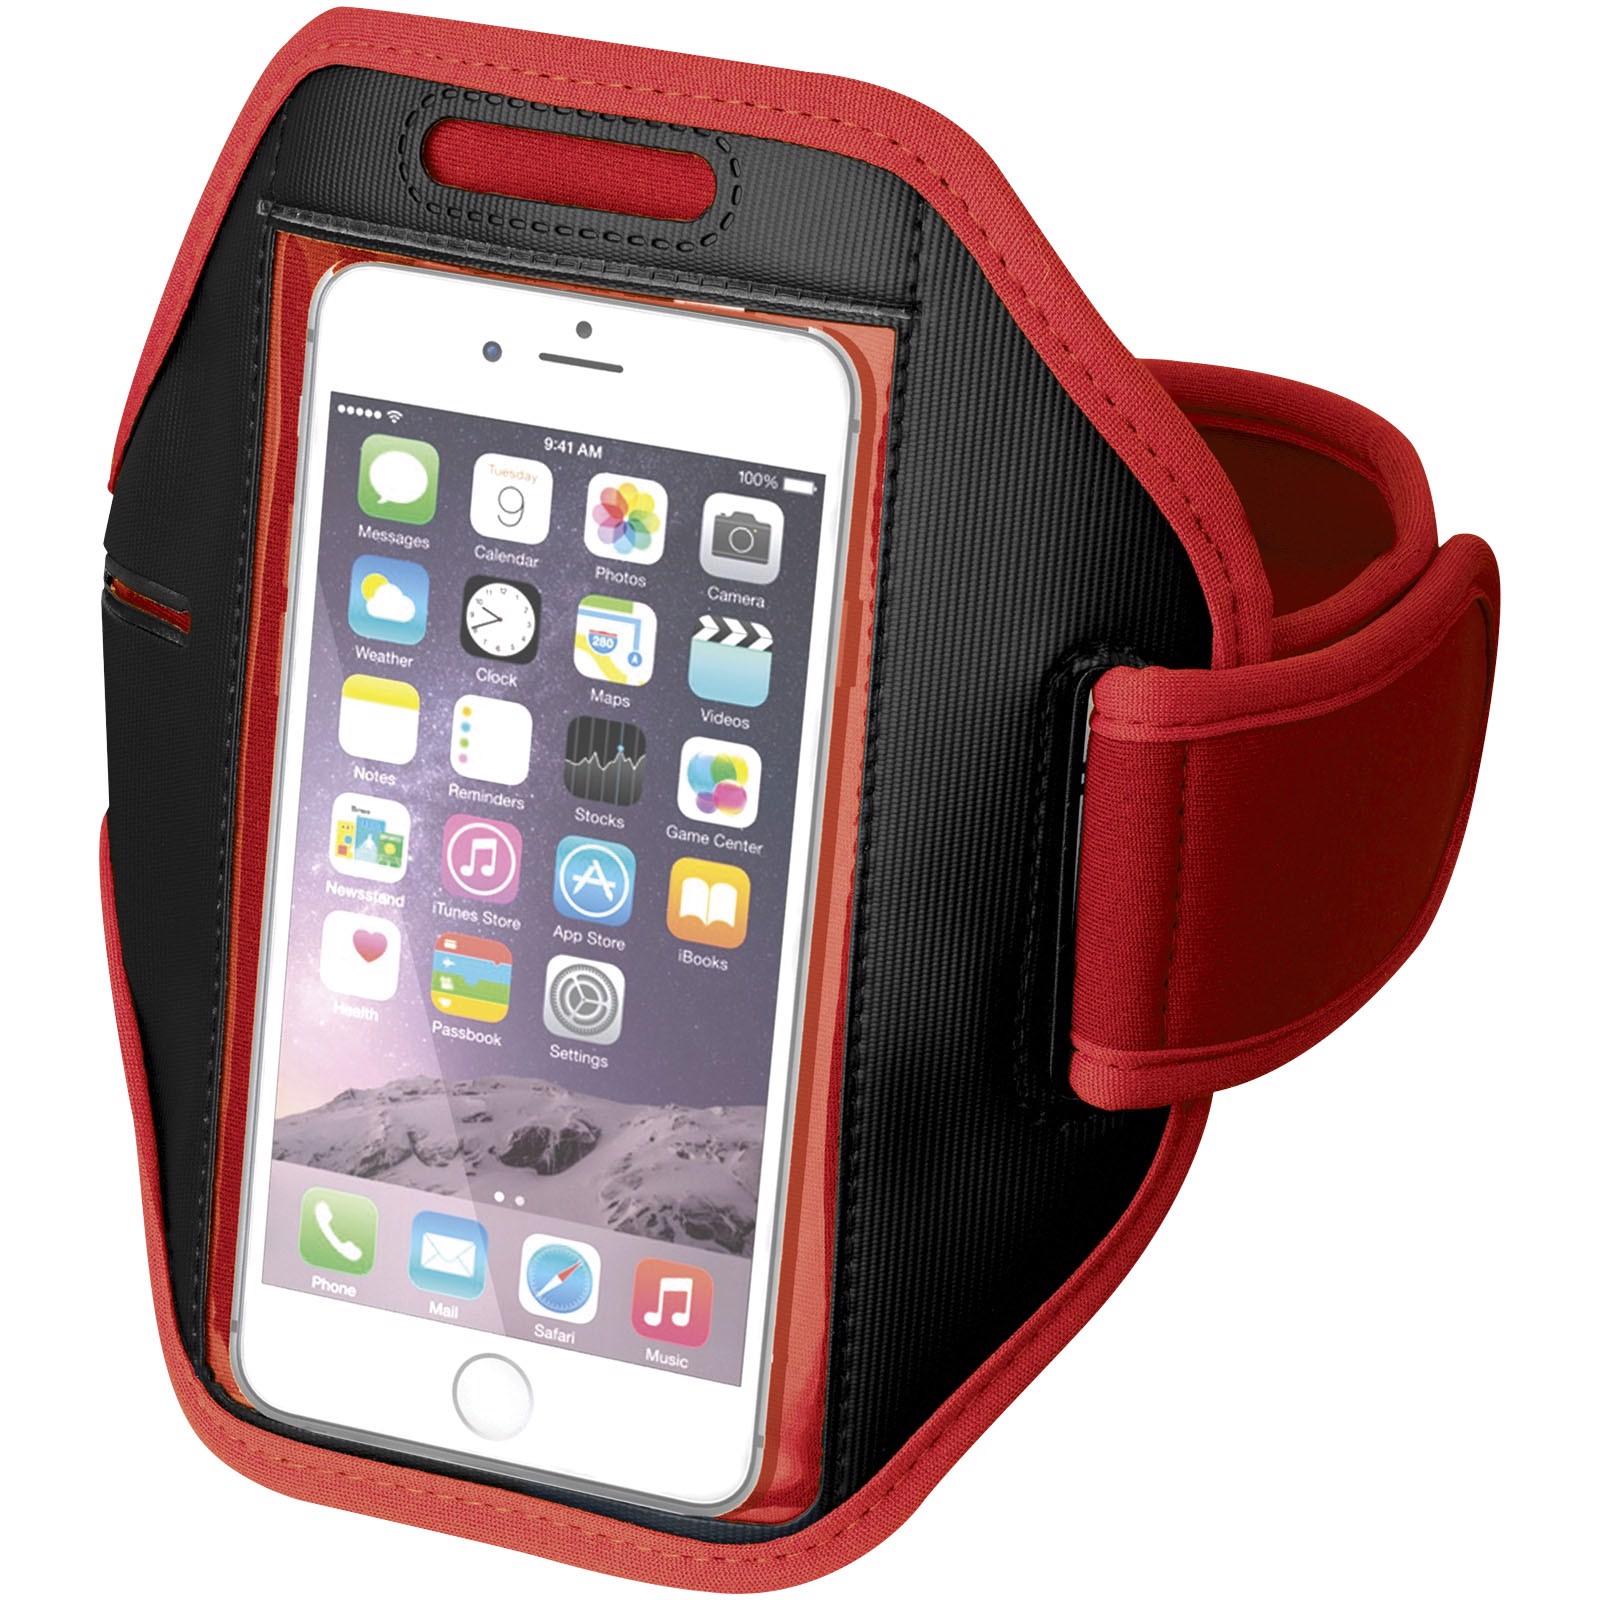 Pažní páska Gofax s dotekovou folií pro chytrý telefon - Červená s efektem námrazy